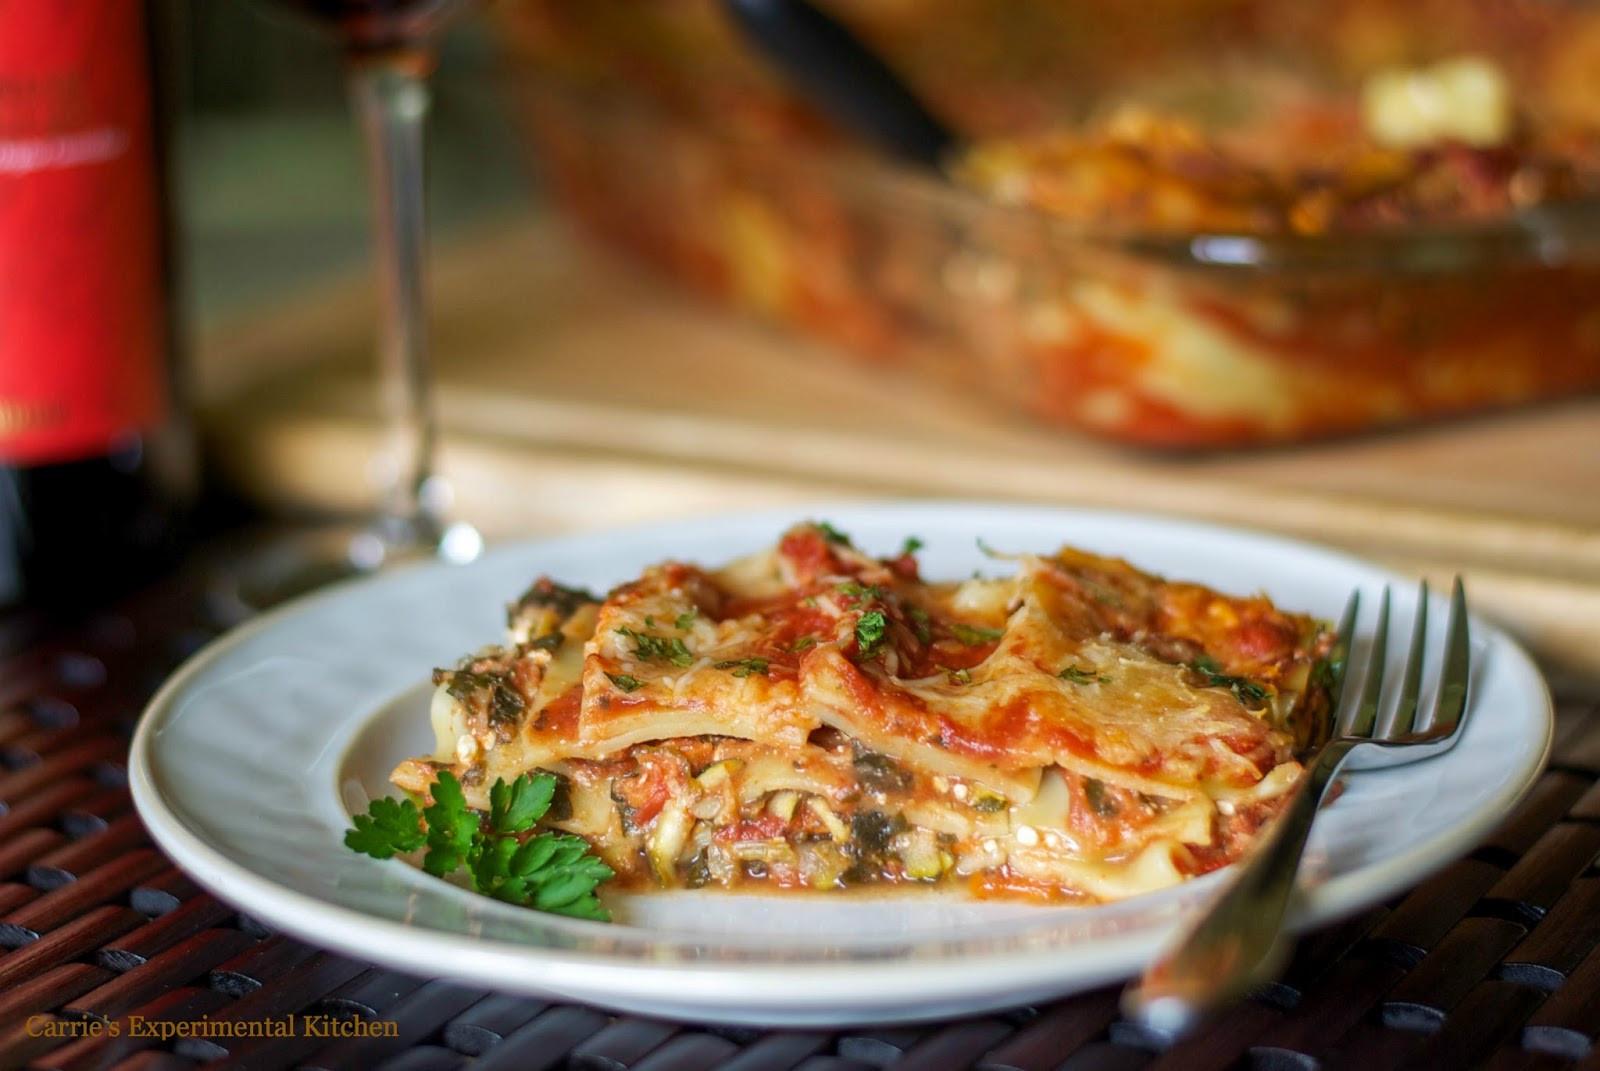 Low Calorie Lasagna  Low Fat Ve able Lasagna Carrie's Experimental Kitchen